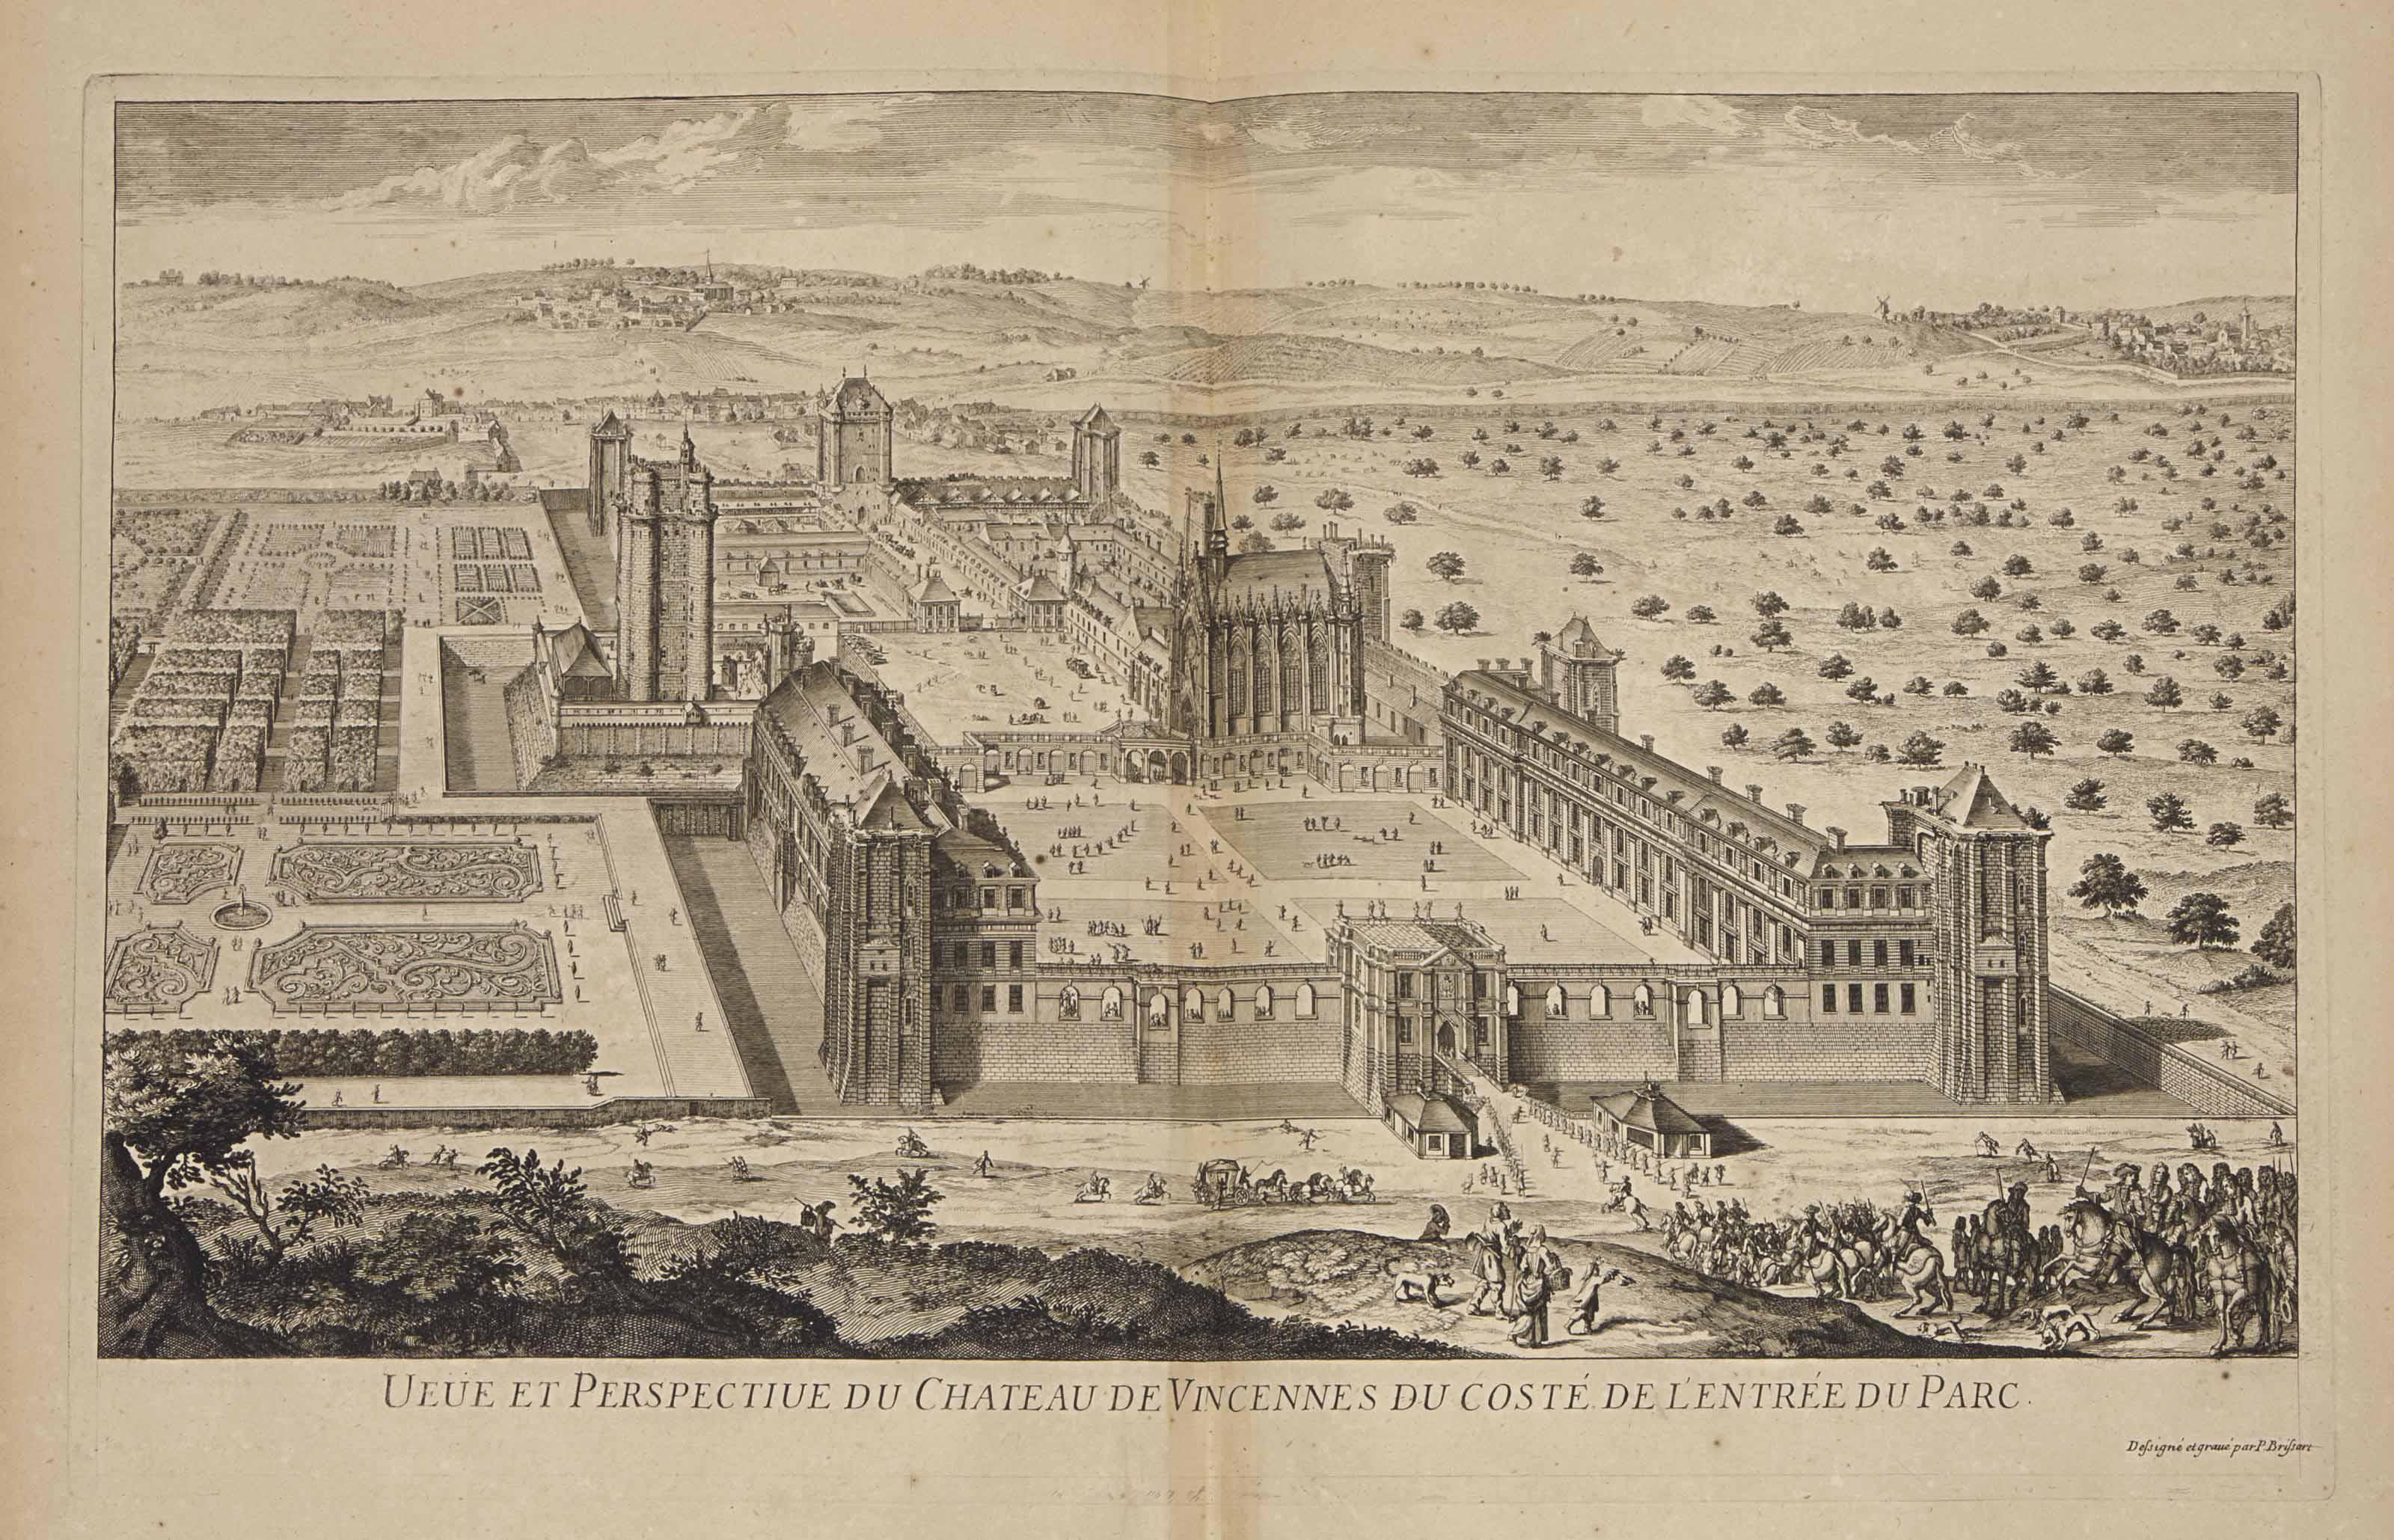 """[CABINET DU ROI] -- [Vues des maisons royales et des villes conquises par Louis XIV.] Sans lieu ni date [Paris: vers 1670]. In-folio (477 x 354 mm). 44 (sur 46) planches sur cuivre dont 16 dépliantes, 25 à double page et 3 à pleine page. Une planche coloriée. Maroquin rouge de l'époque, encadrement à la Du Seuil avec double """"L"""" couronné aux angles, armes de France au centre des plats, dos à nerfs orné du même chiffre et titre doré """"Vues de maisons royales et de villes"""", tranches dorées."""